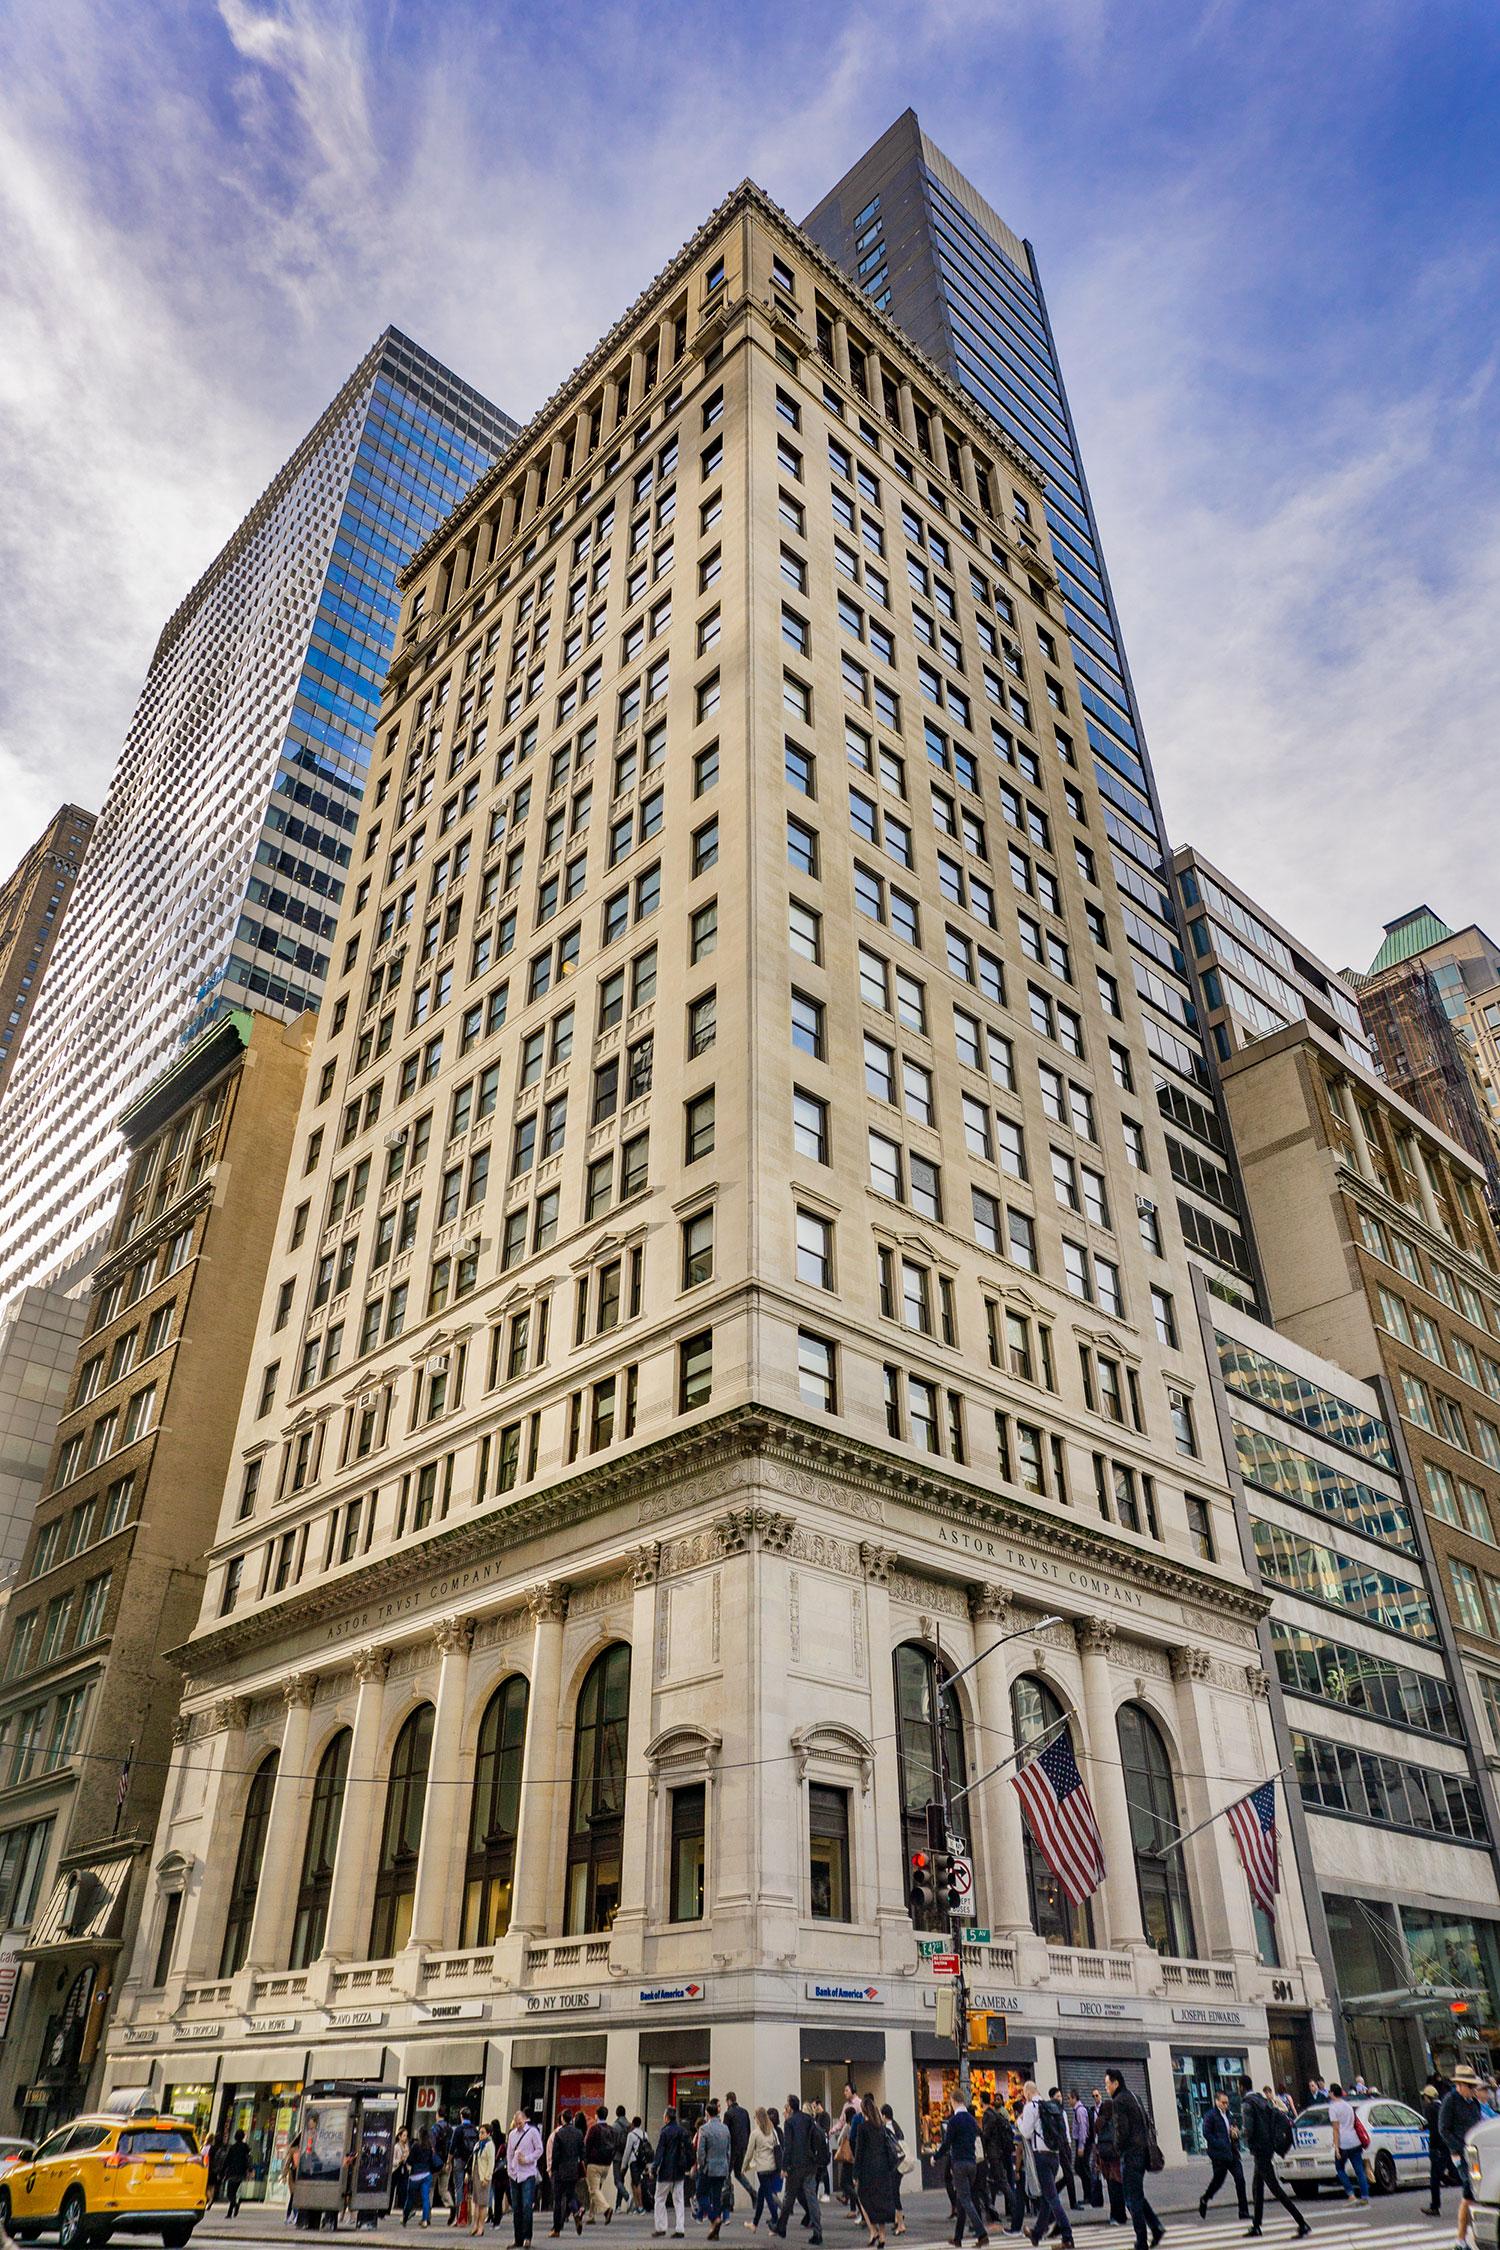 501 5th avenue -